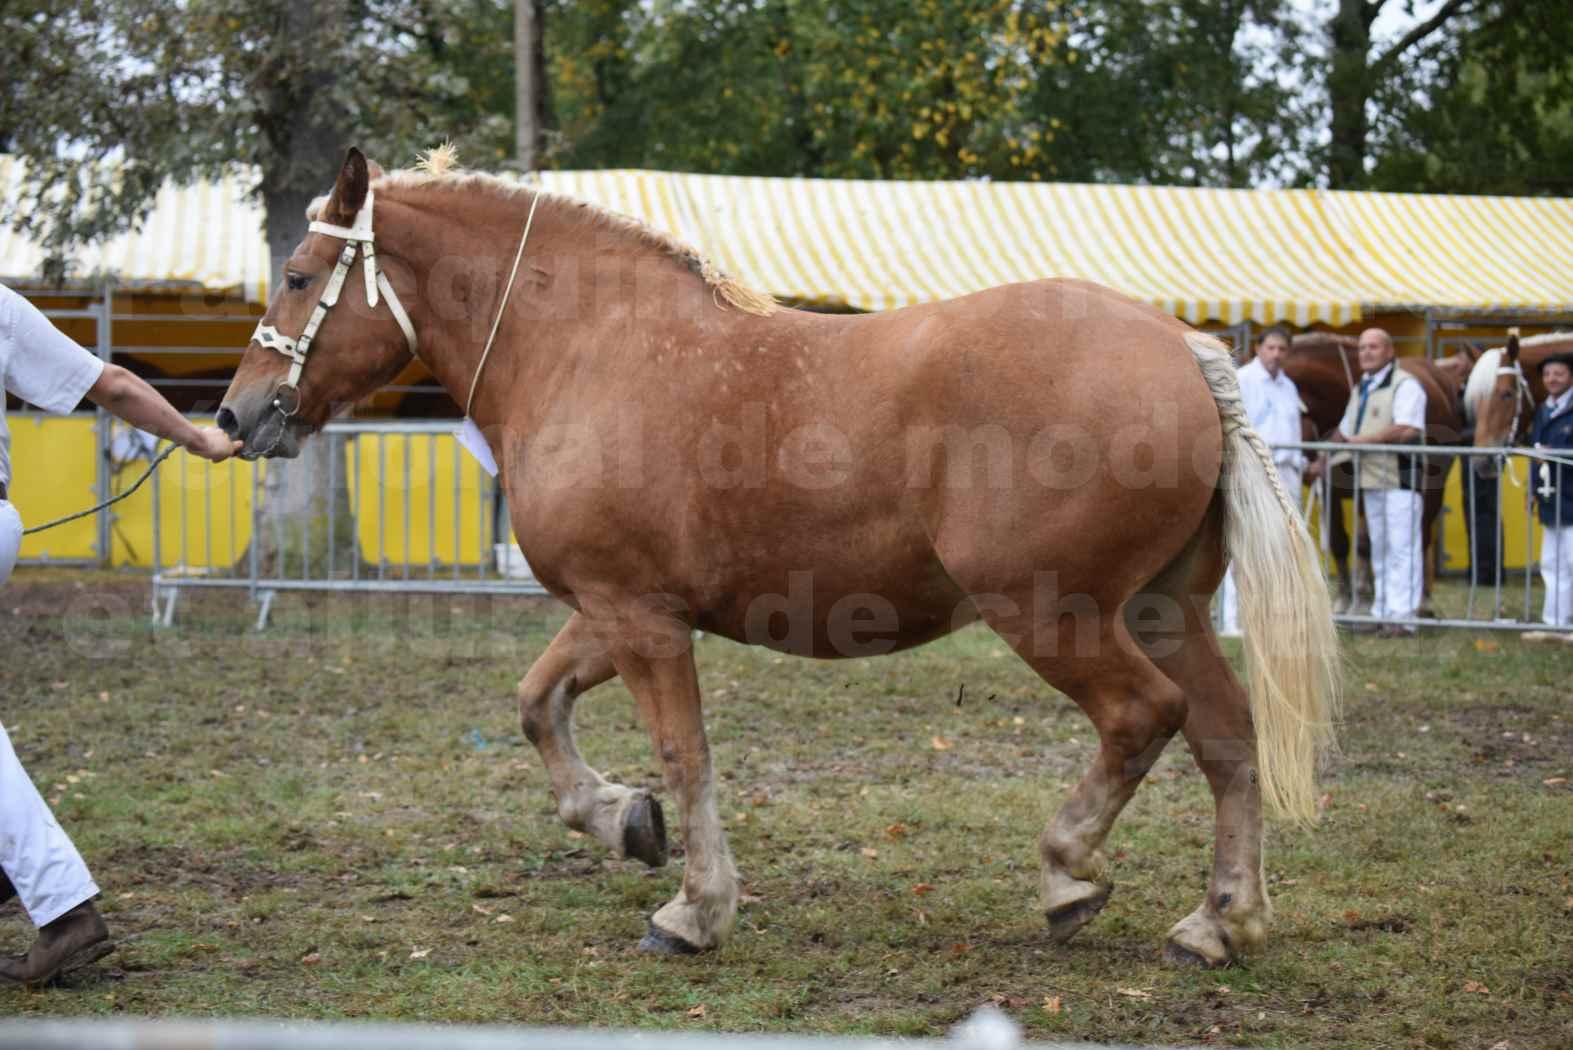 Concours Régional de chevaux de traits en 2017 - Pouliche Trait COMTOIS - EGLANTINE 28 - 11